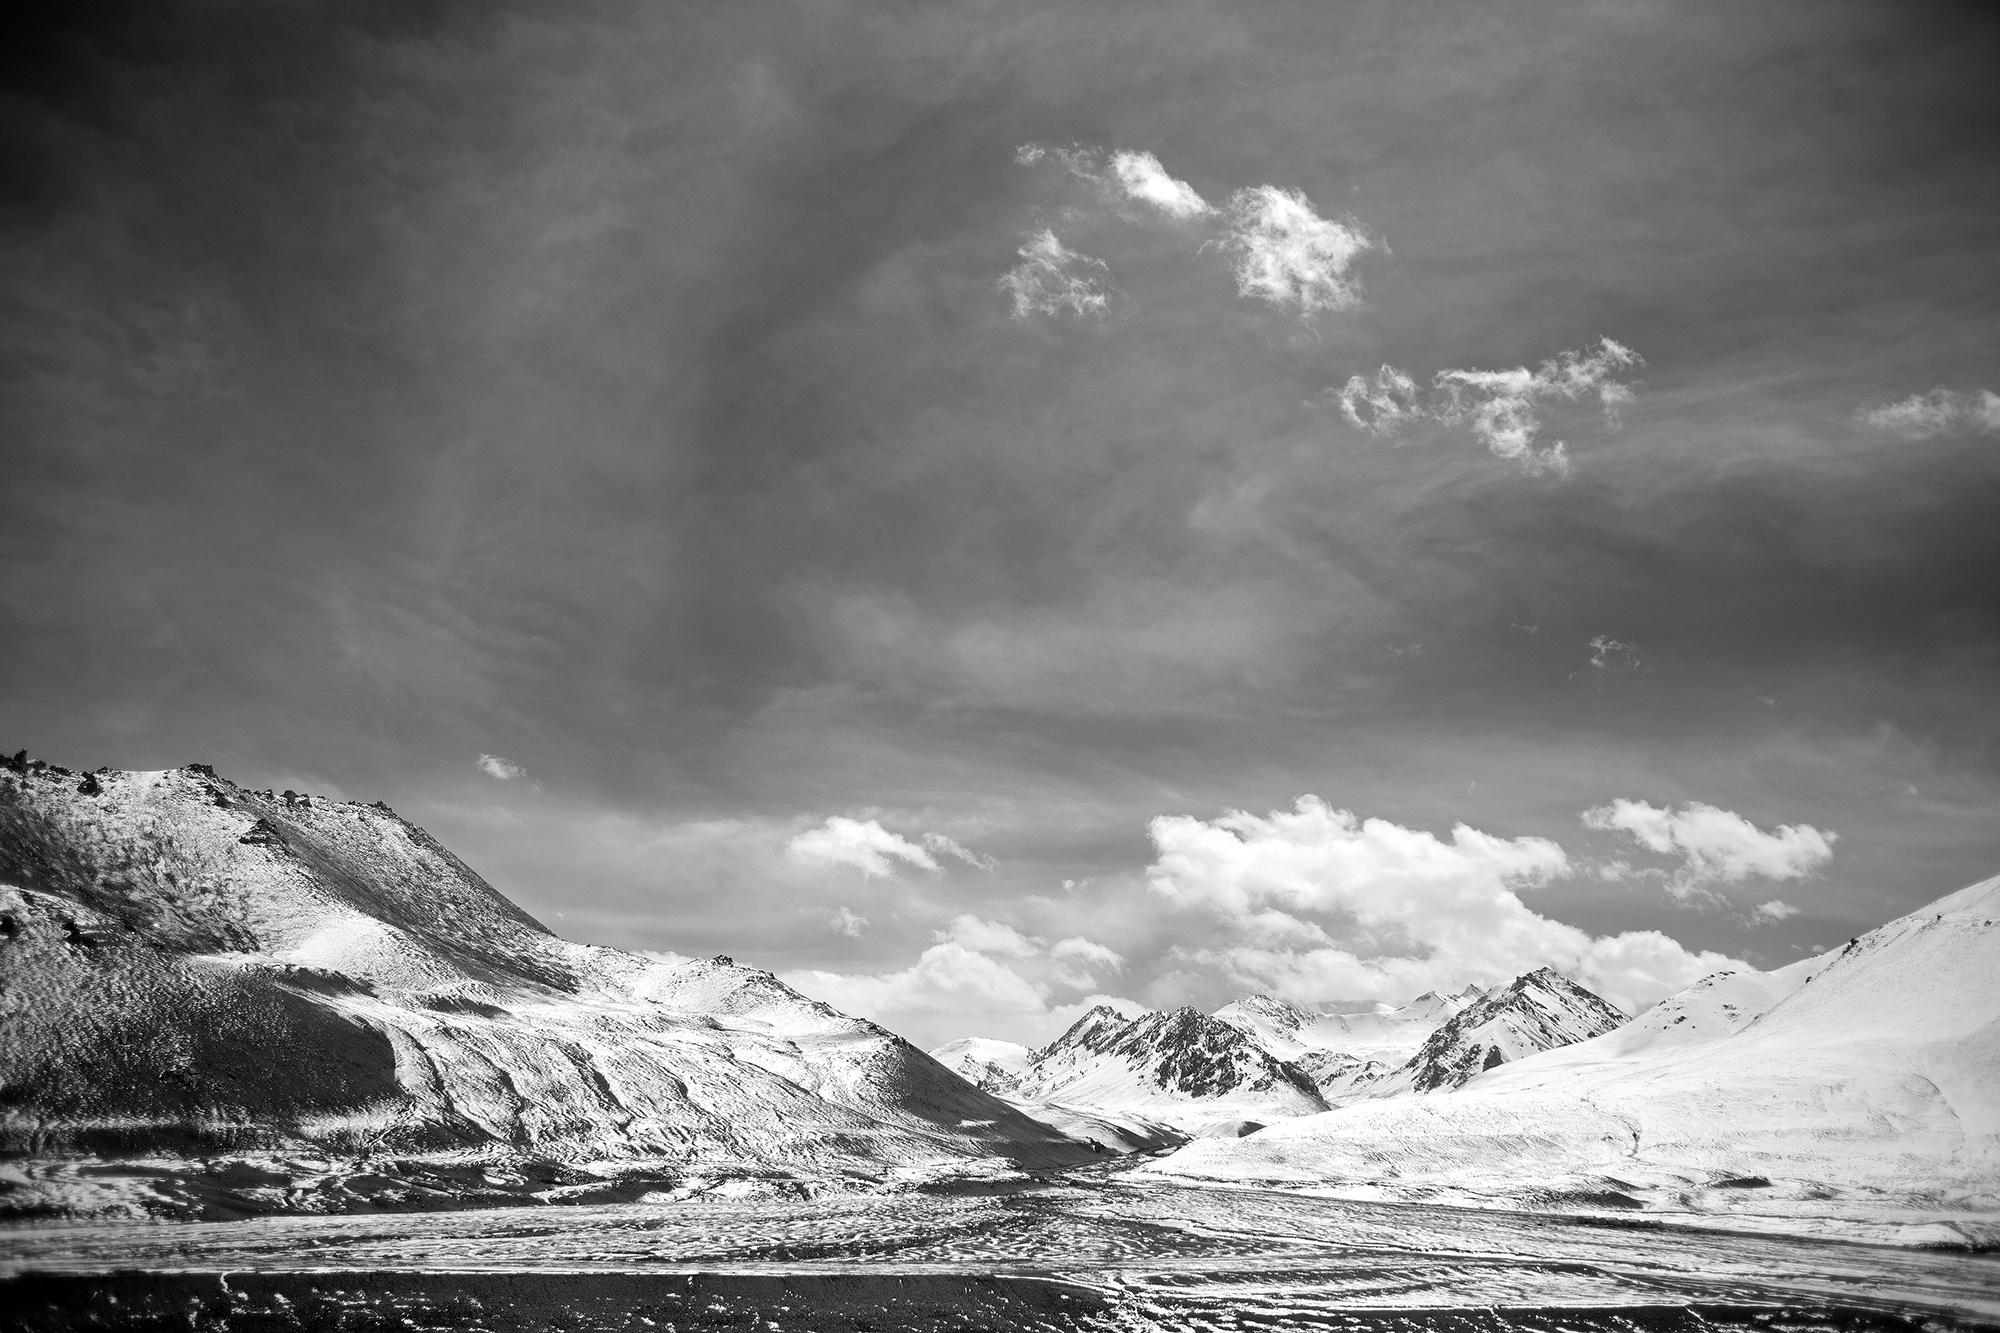 Xinjiang Région ouïghoure Maxime Crozet Identité Chine Khunjerab